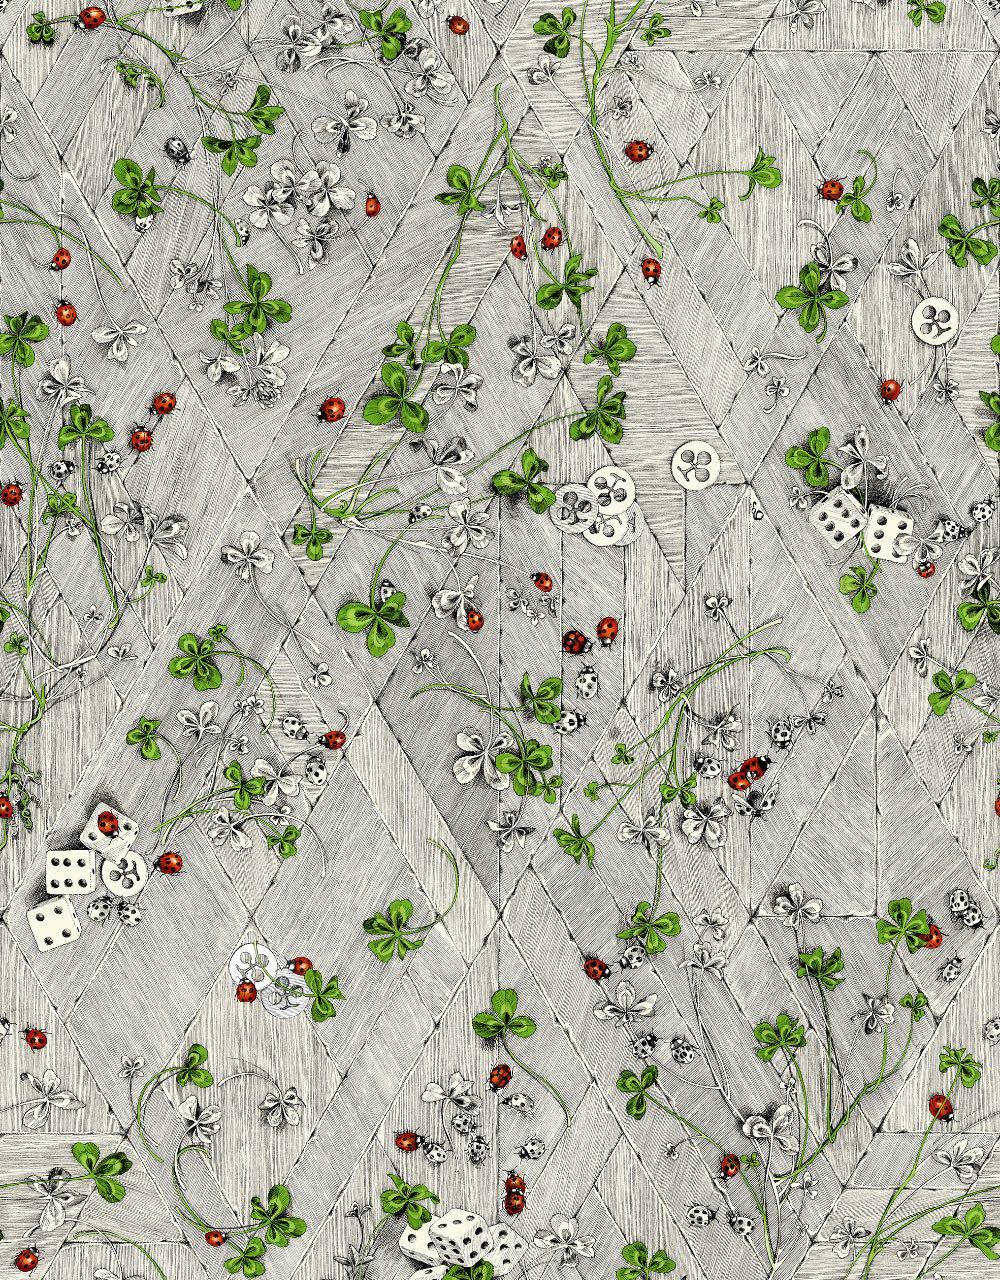 フランス壁紙 フリース(不織布) - 防炎加工 by キャサリン・グラン 《シャンス》 マルチ